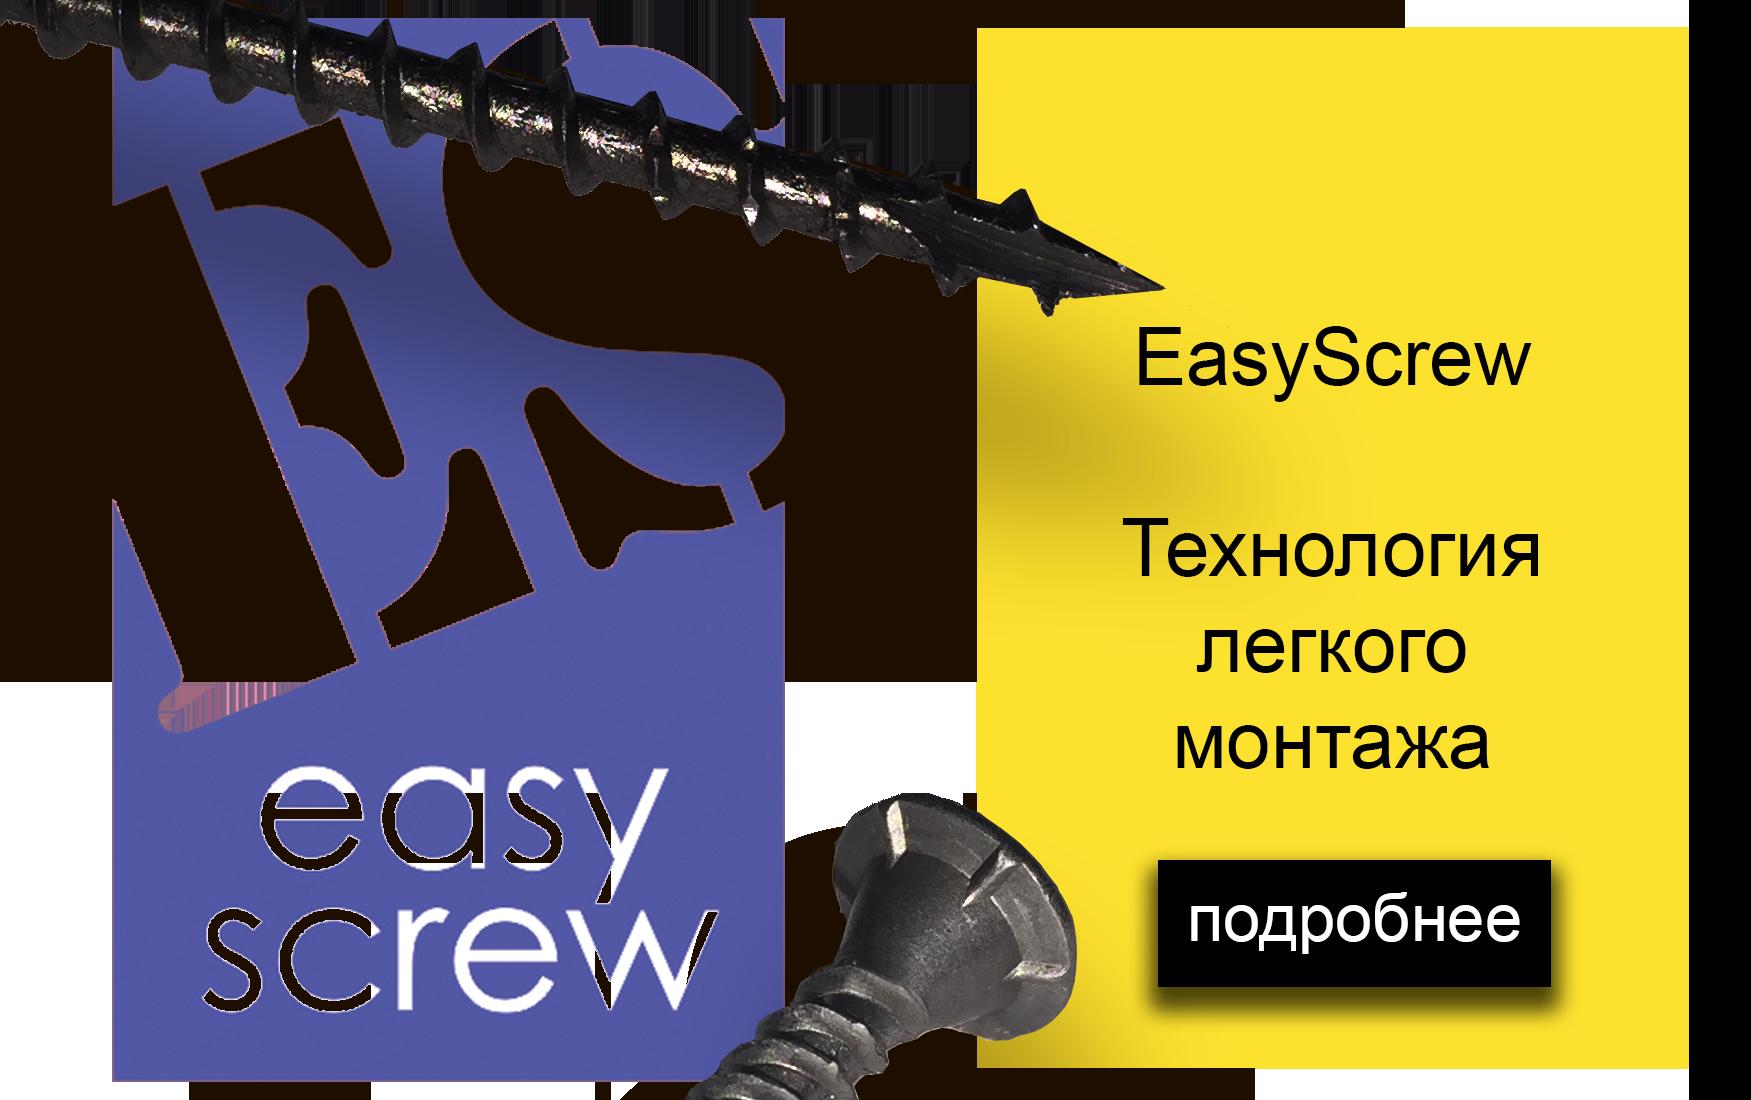 EasyScrew